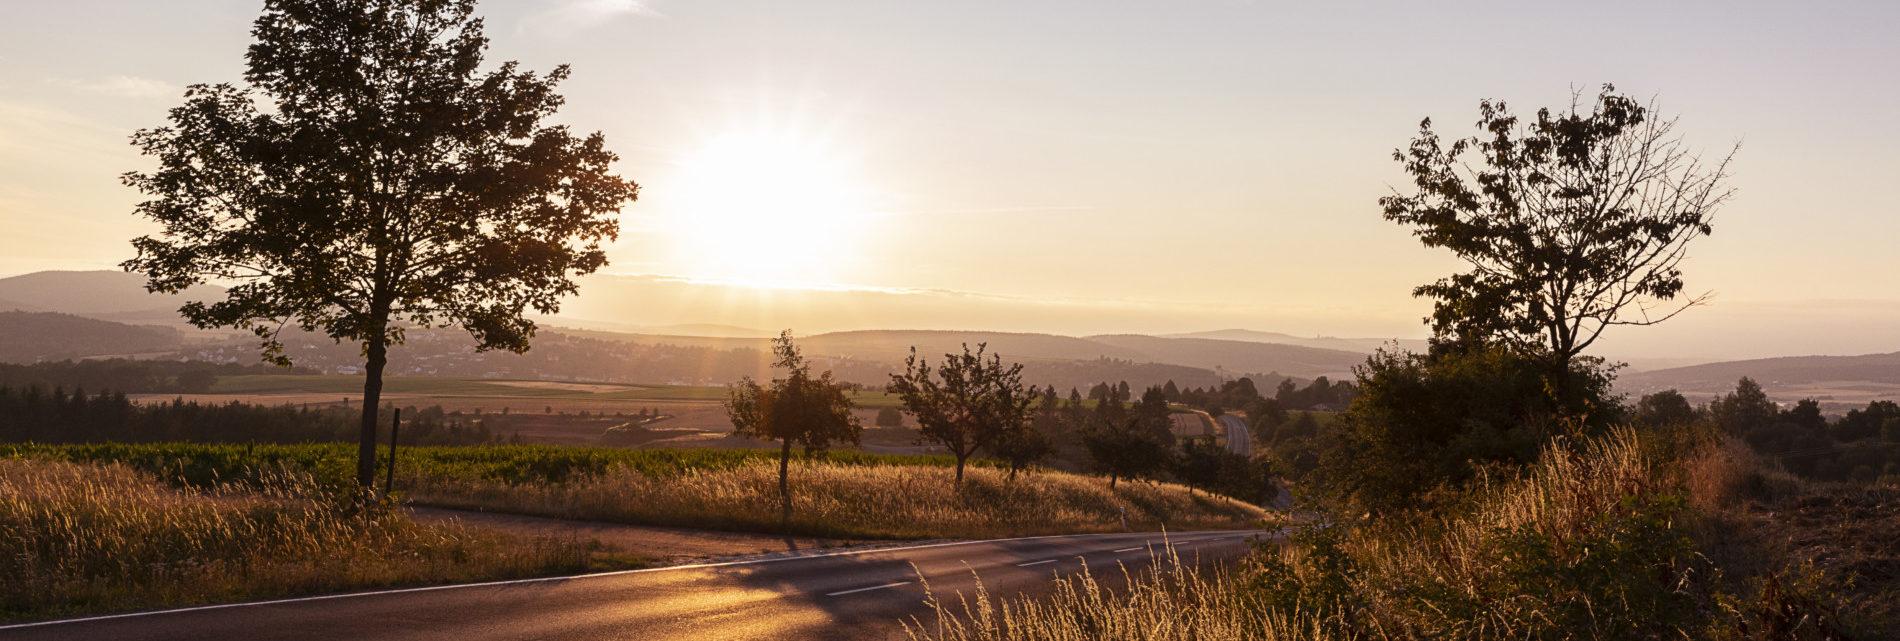 Spätsommerlicher Sonnenuntergang über der Streutalallianz von der A71 Richtung Mellrichstadt (Foto: Leska Hörner - Leskas Wunderwelt)